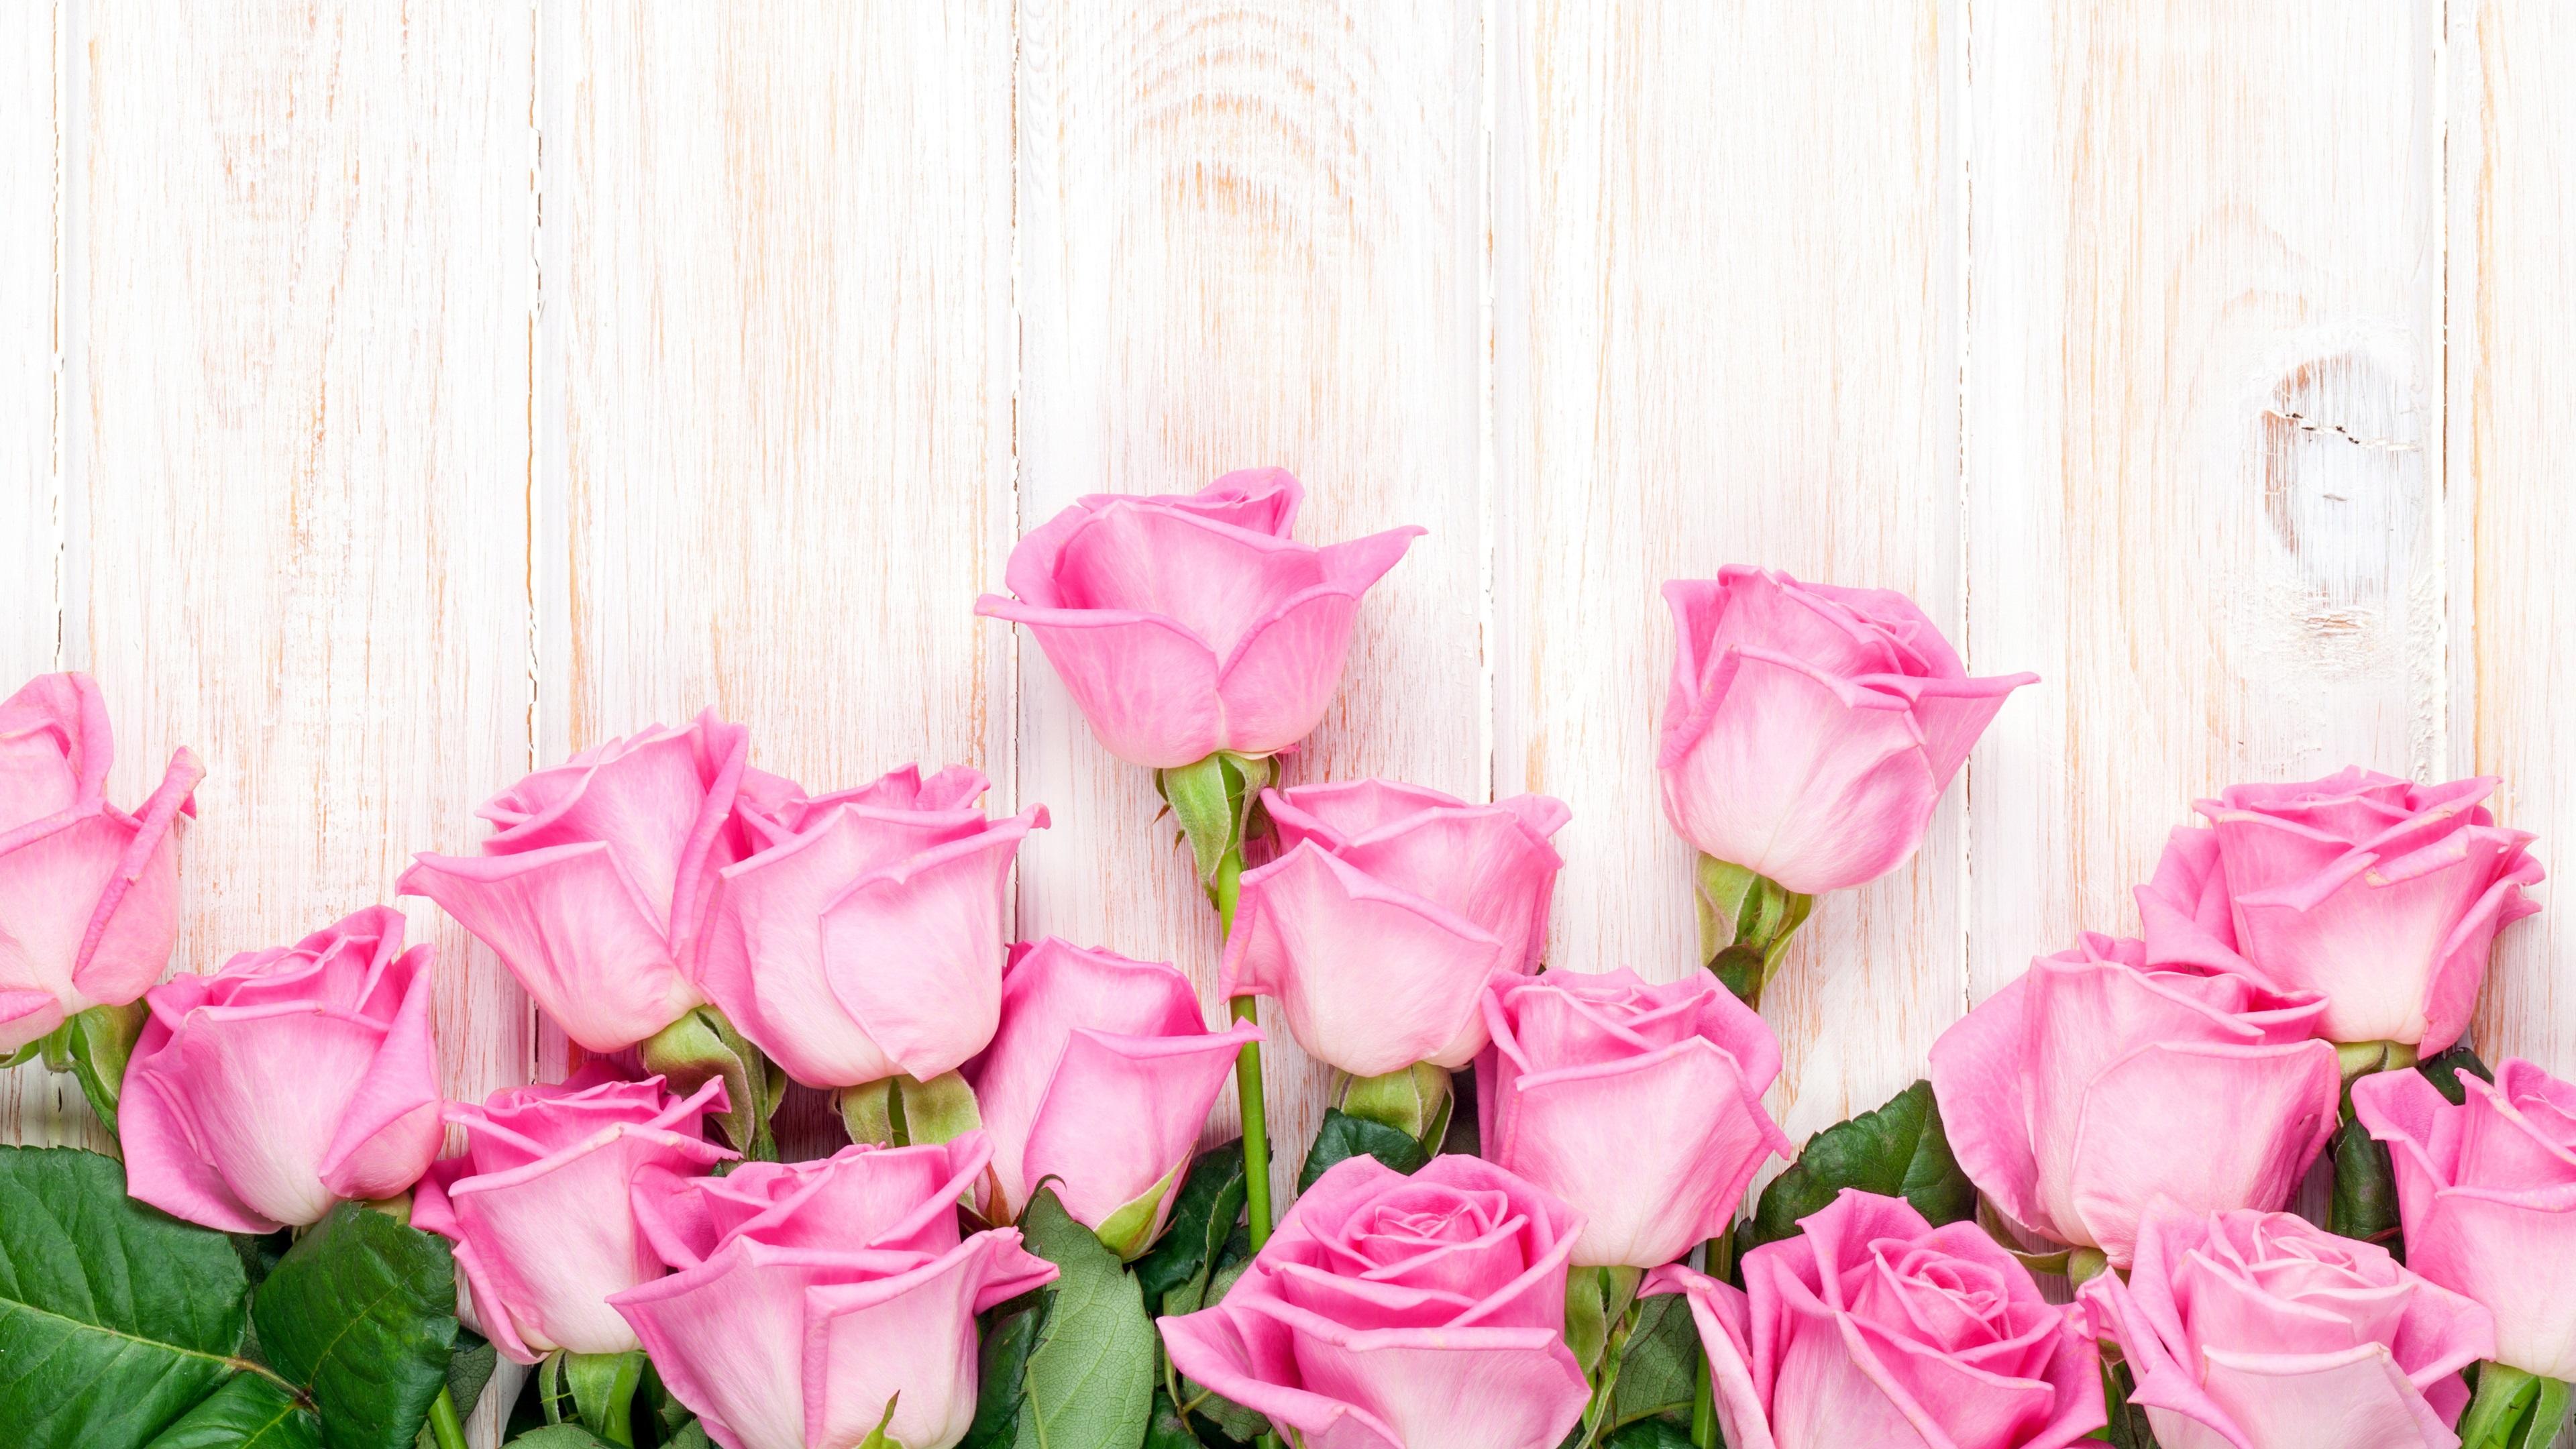 Fondos De Pantalla Rosa: Rosa Rosa Flores, Fondo De Madera Fondos De Pantalla